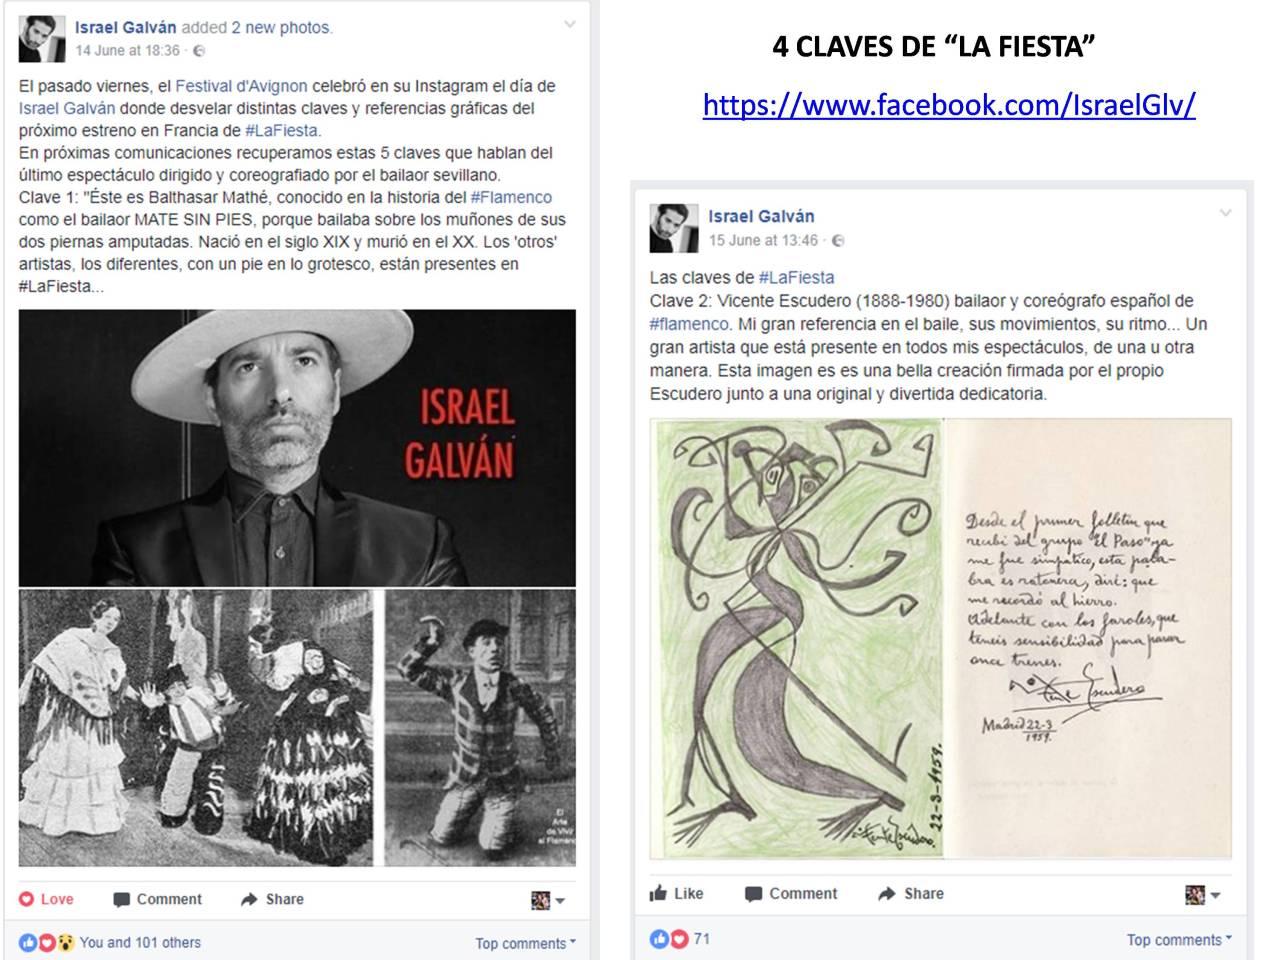 """CLAVES 1 y 2 de """"LA FIESTA"""" de Israel Galván publicadas en su página facebook"""